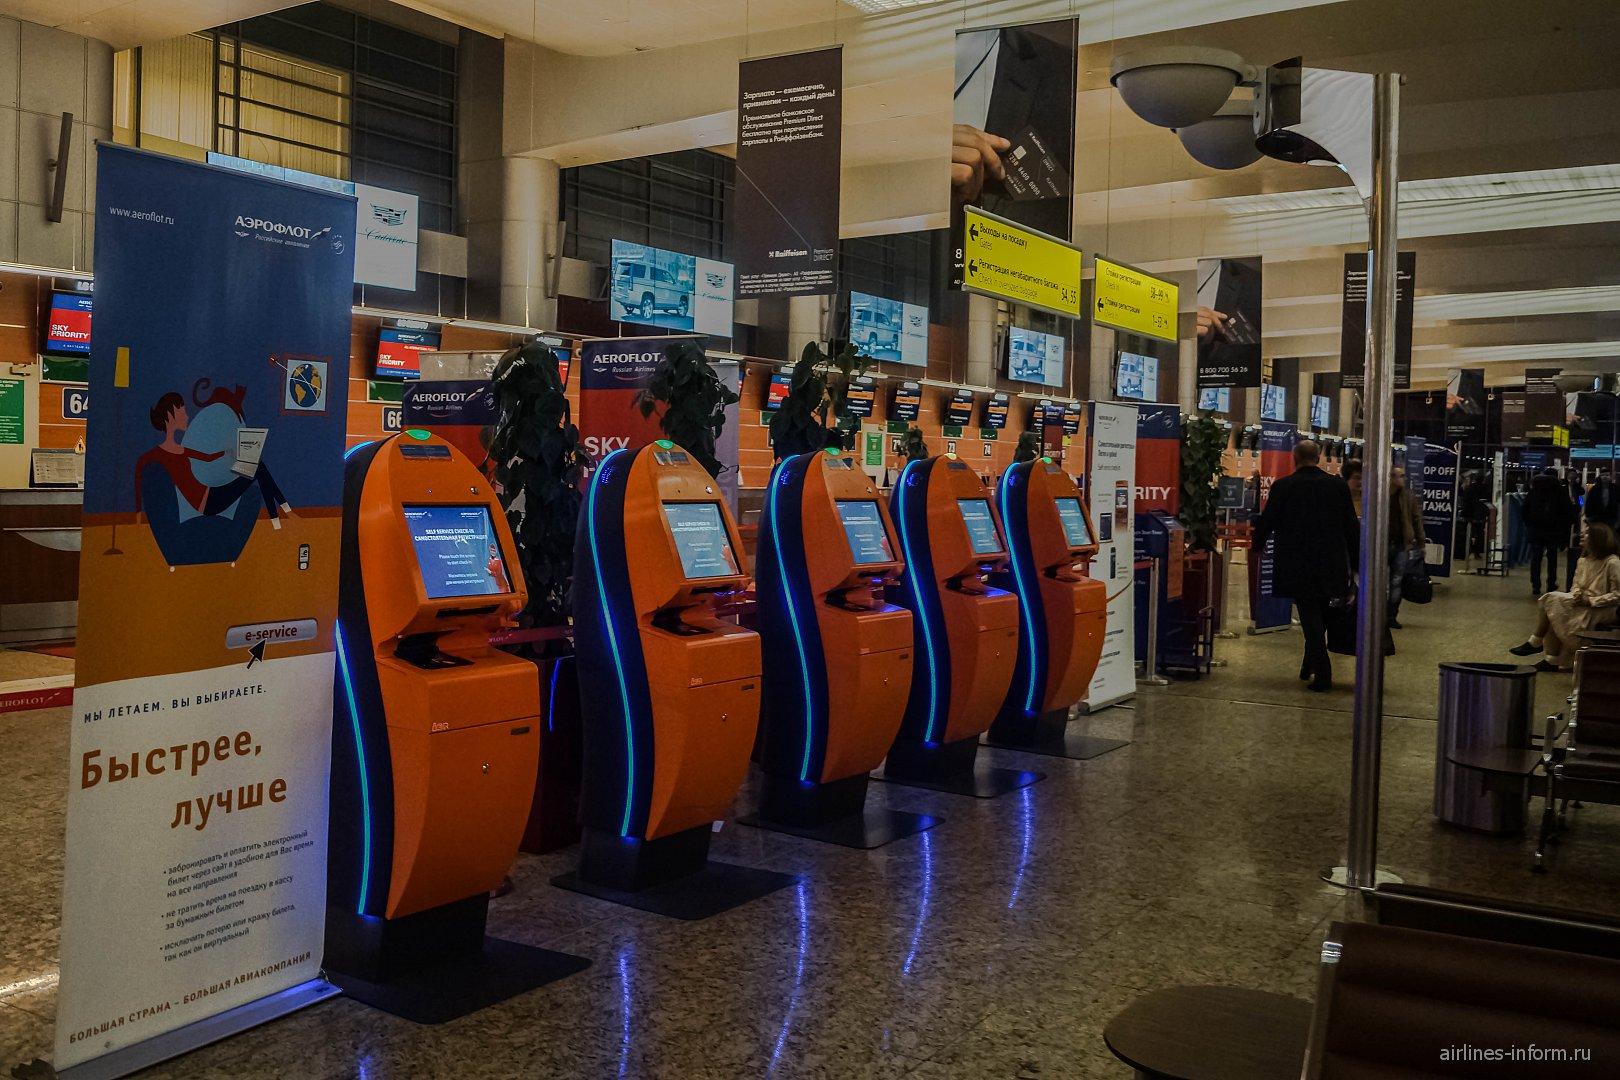 Стойки самостоятельной регистрации на рейсы Аэрофлота в аэропорту Шереметьево, терминал D